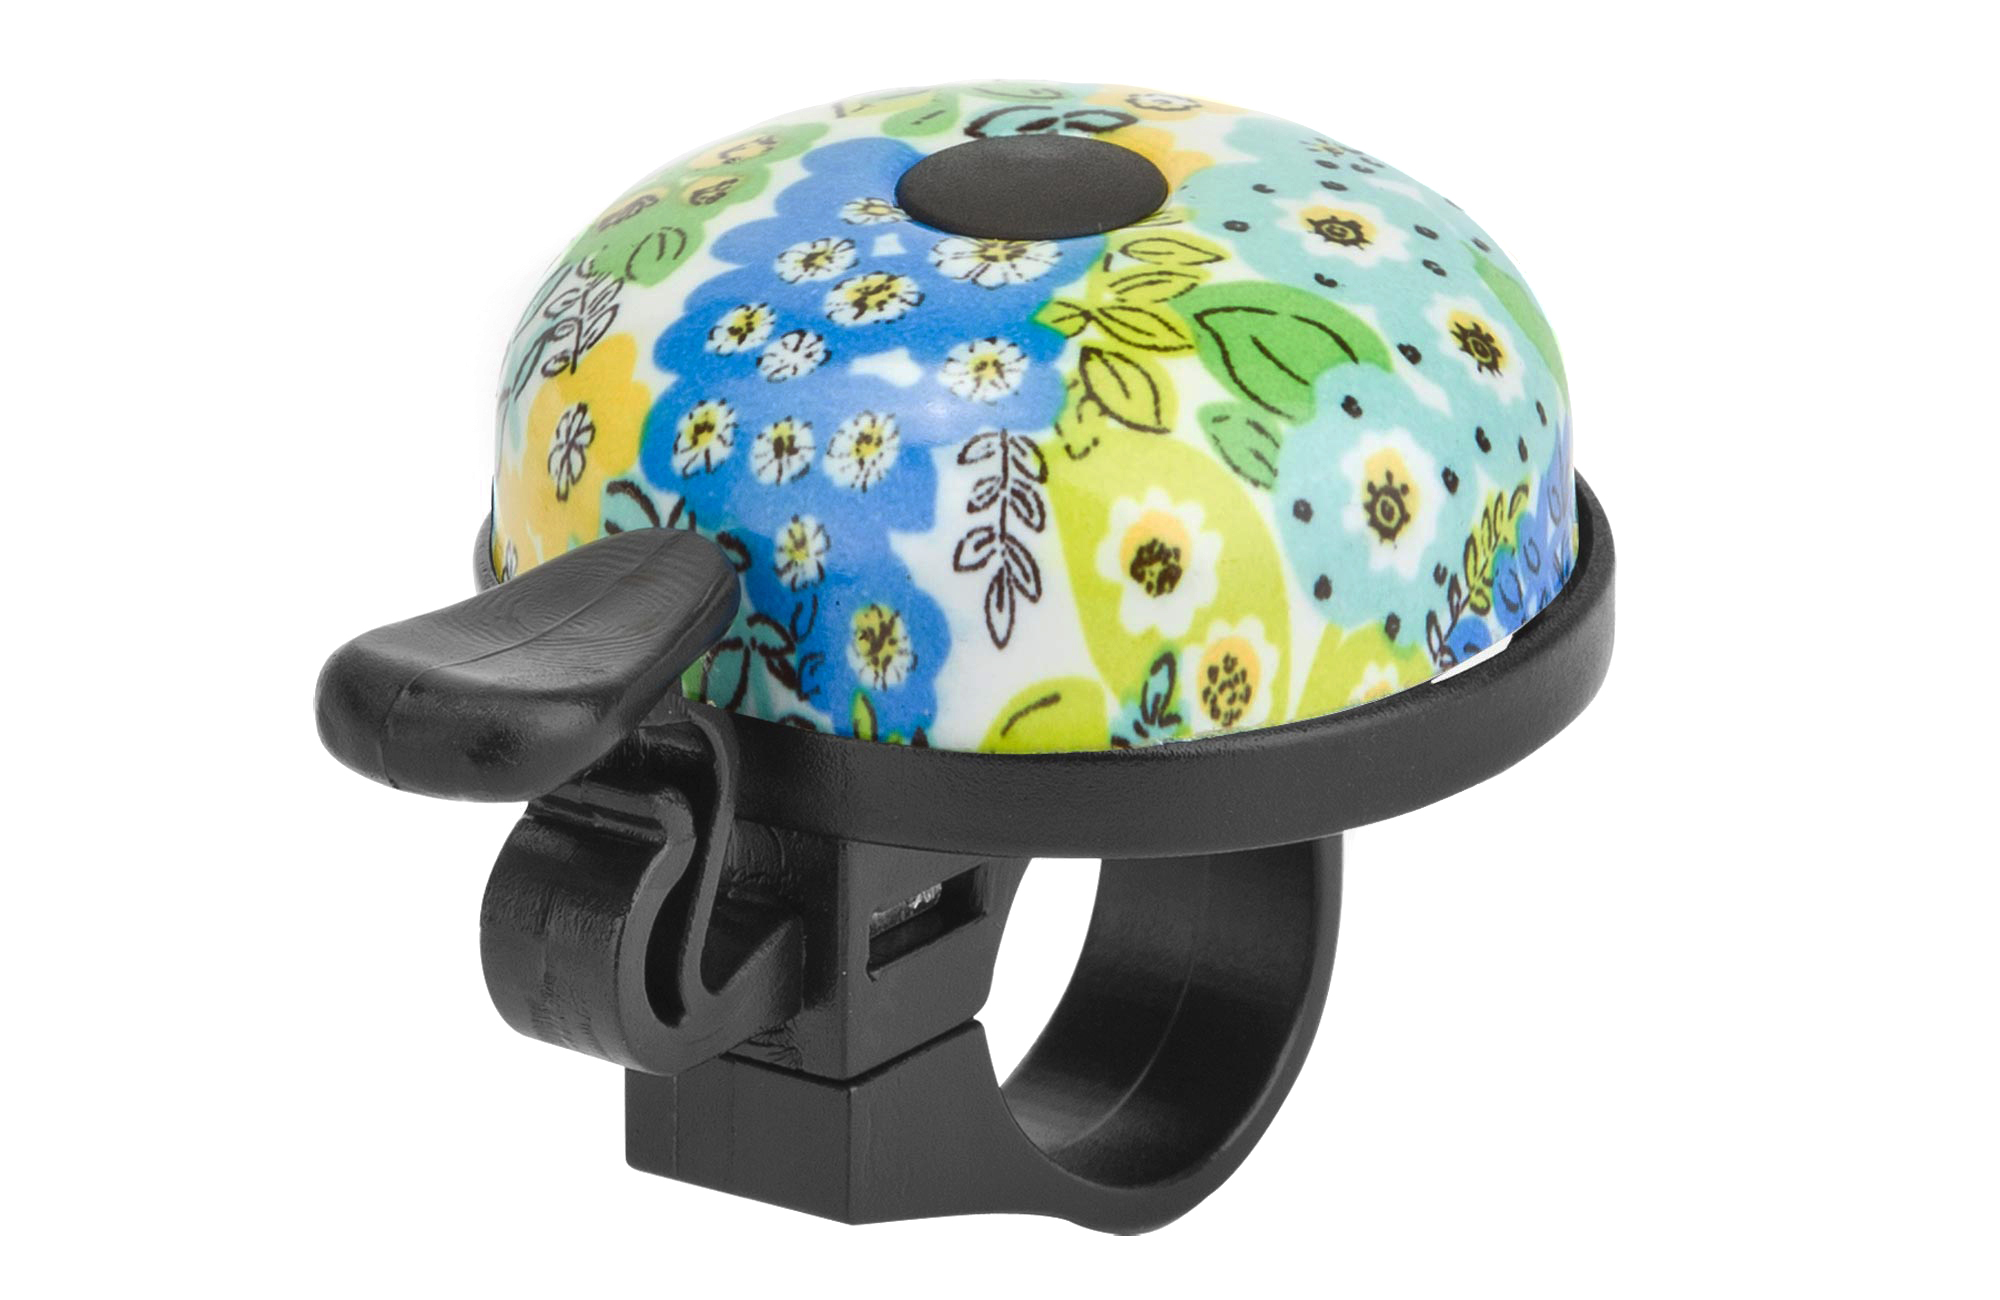 Купить Звонок Stels 16R-06 Цветы в интернет магазине. Цены, фото, описания, характеристики, отзывы, обзоры